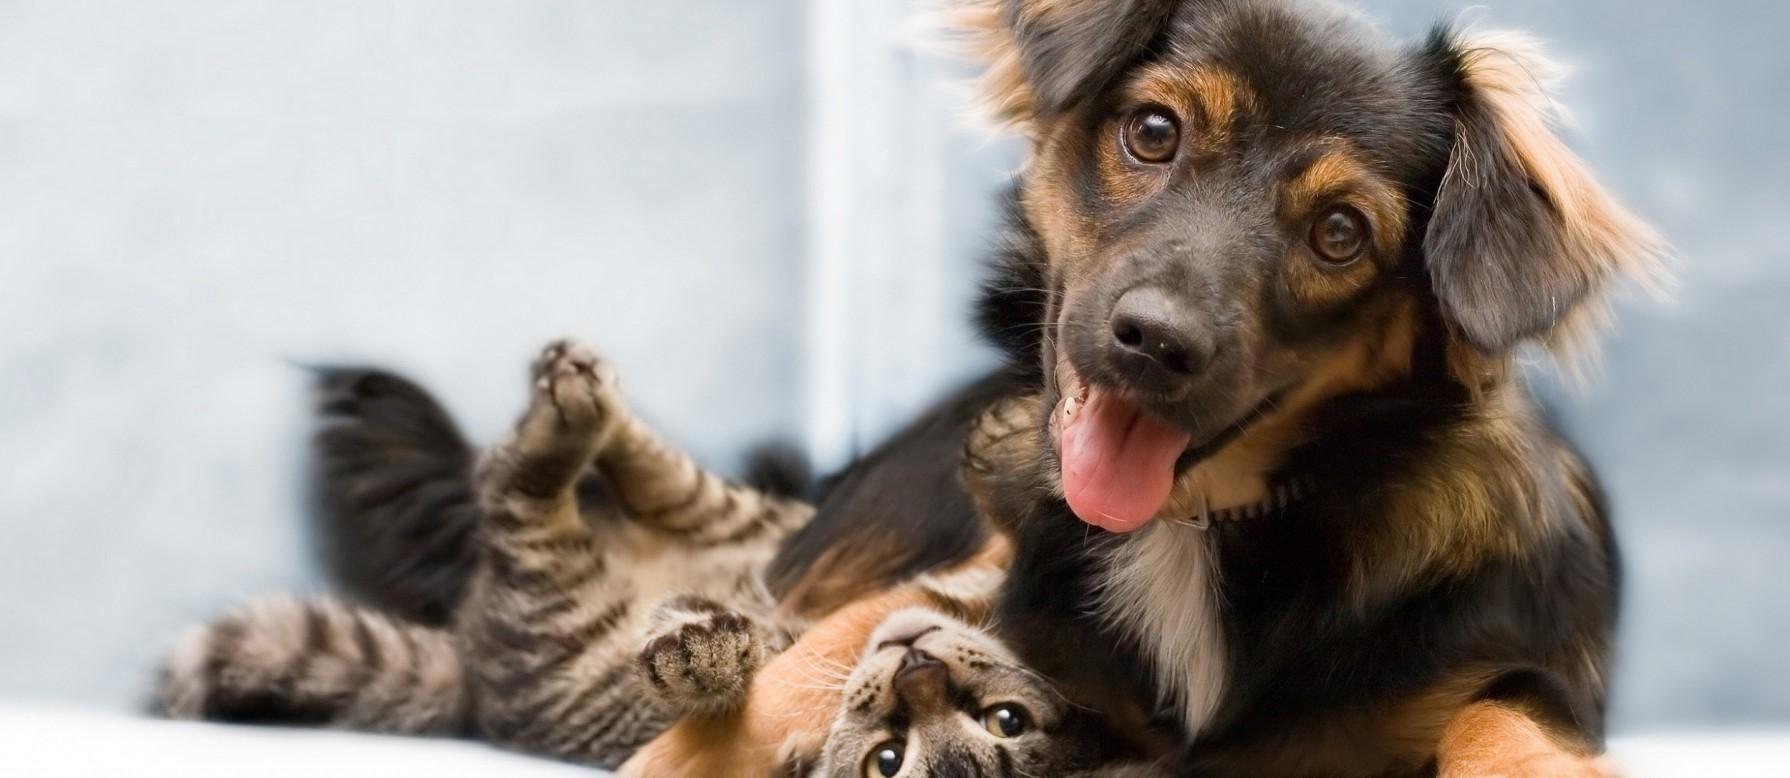 Παγκόσμια Ημέρα των Ζώων Παγκόσμια Ημέρα Ζώων